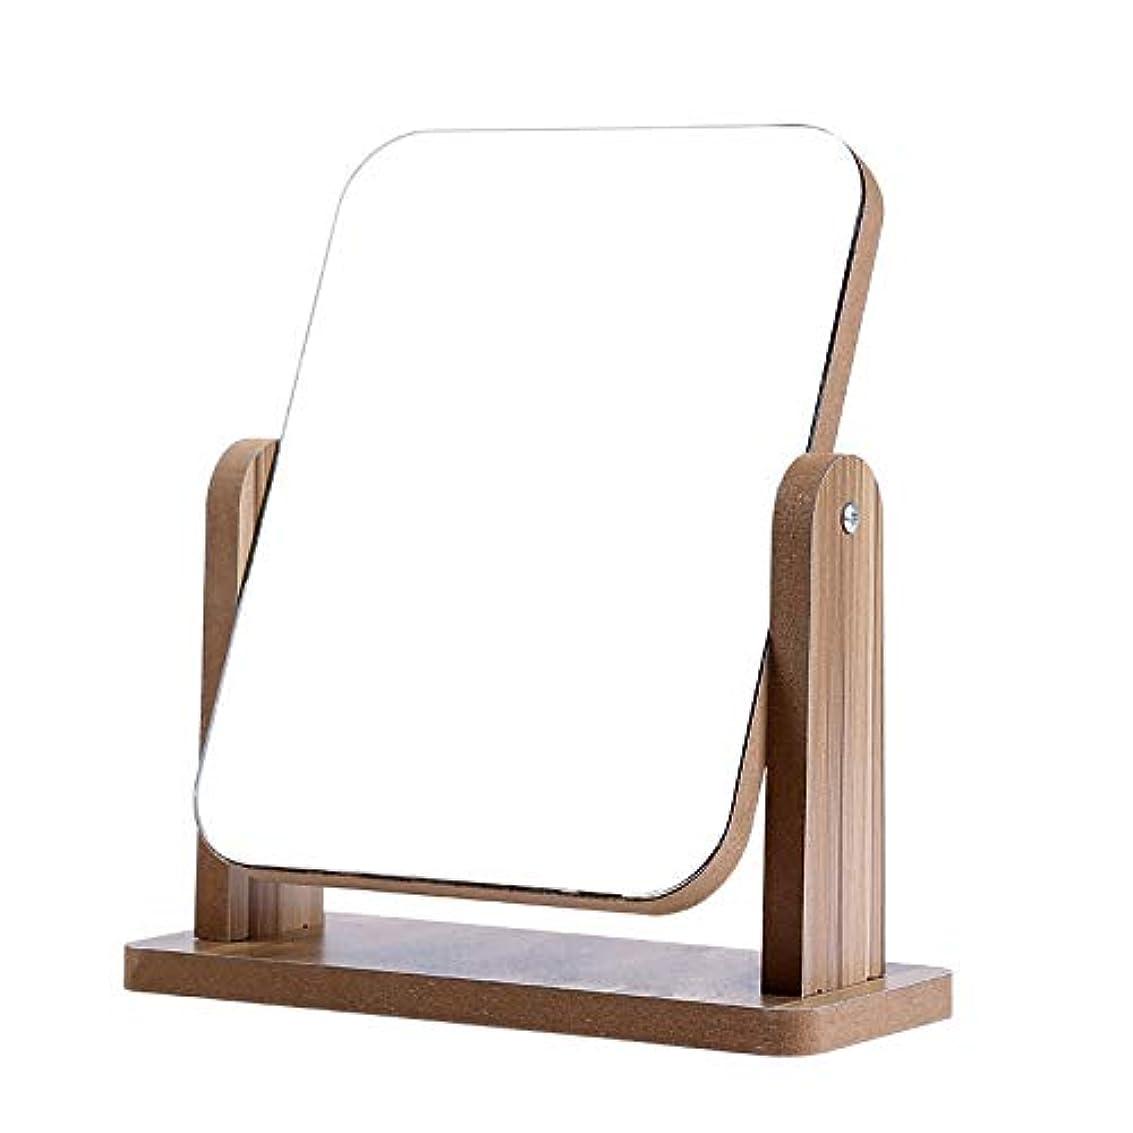 リングレットあたたかい人生を作るAnyasun 卓上ミラー 化粧ミラー メイクミラー 360度回転 スタンドミラー 化粧鏡 木目 (縦)